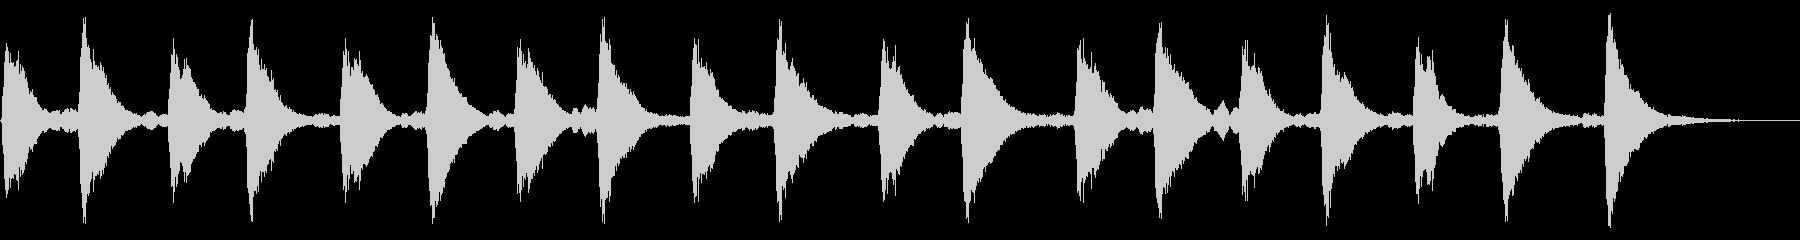 メルトンチャーチベル3:ミュートリ...の未再生の波形